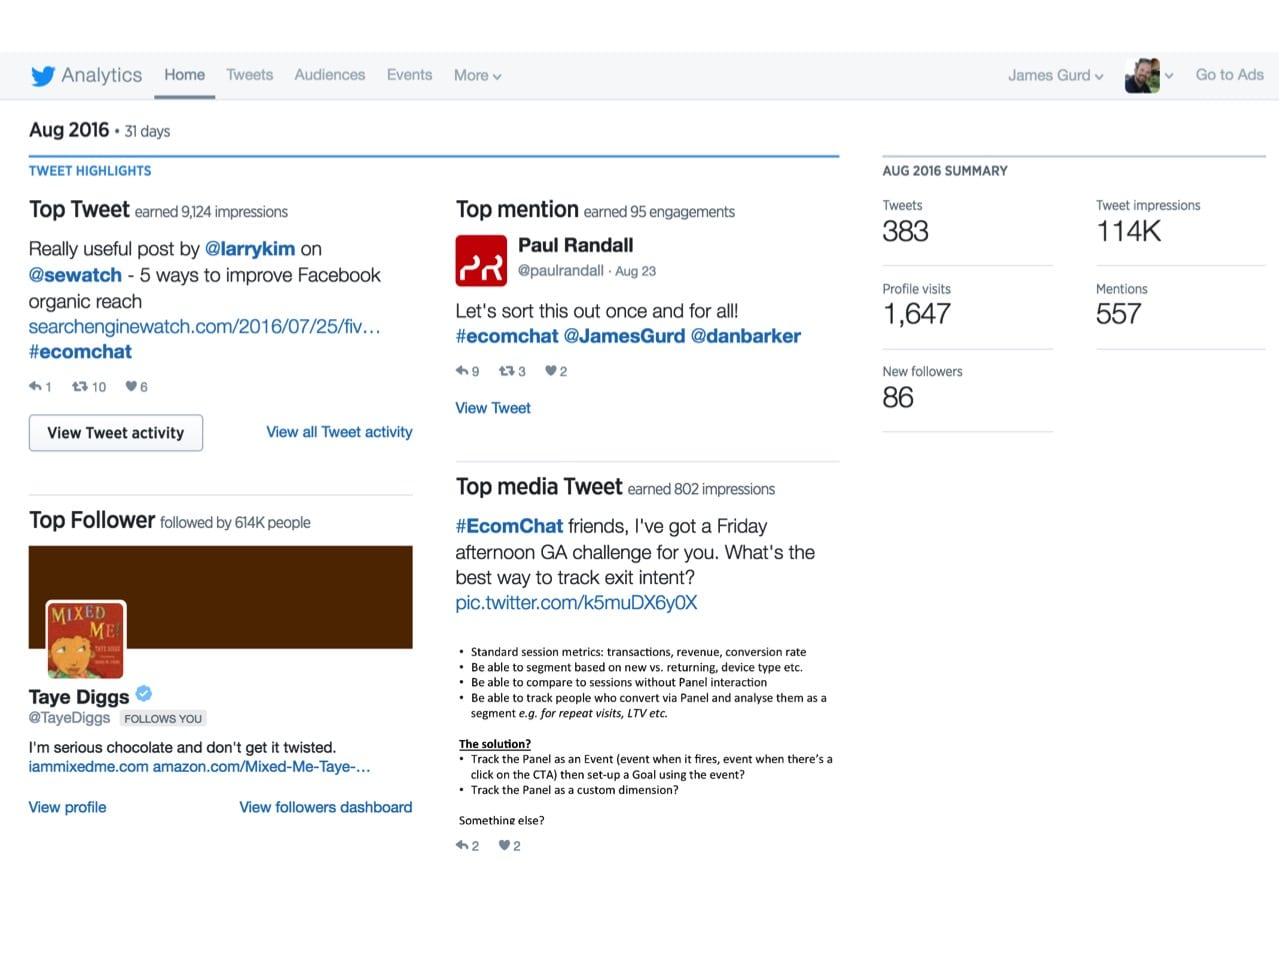 Twitter analytics data